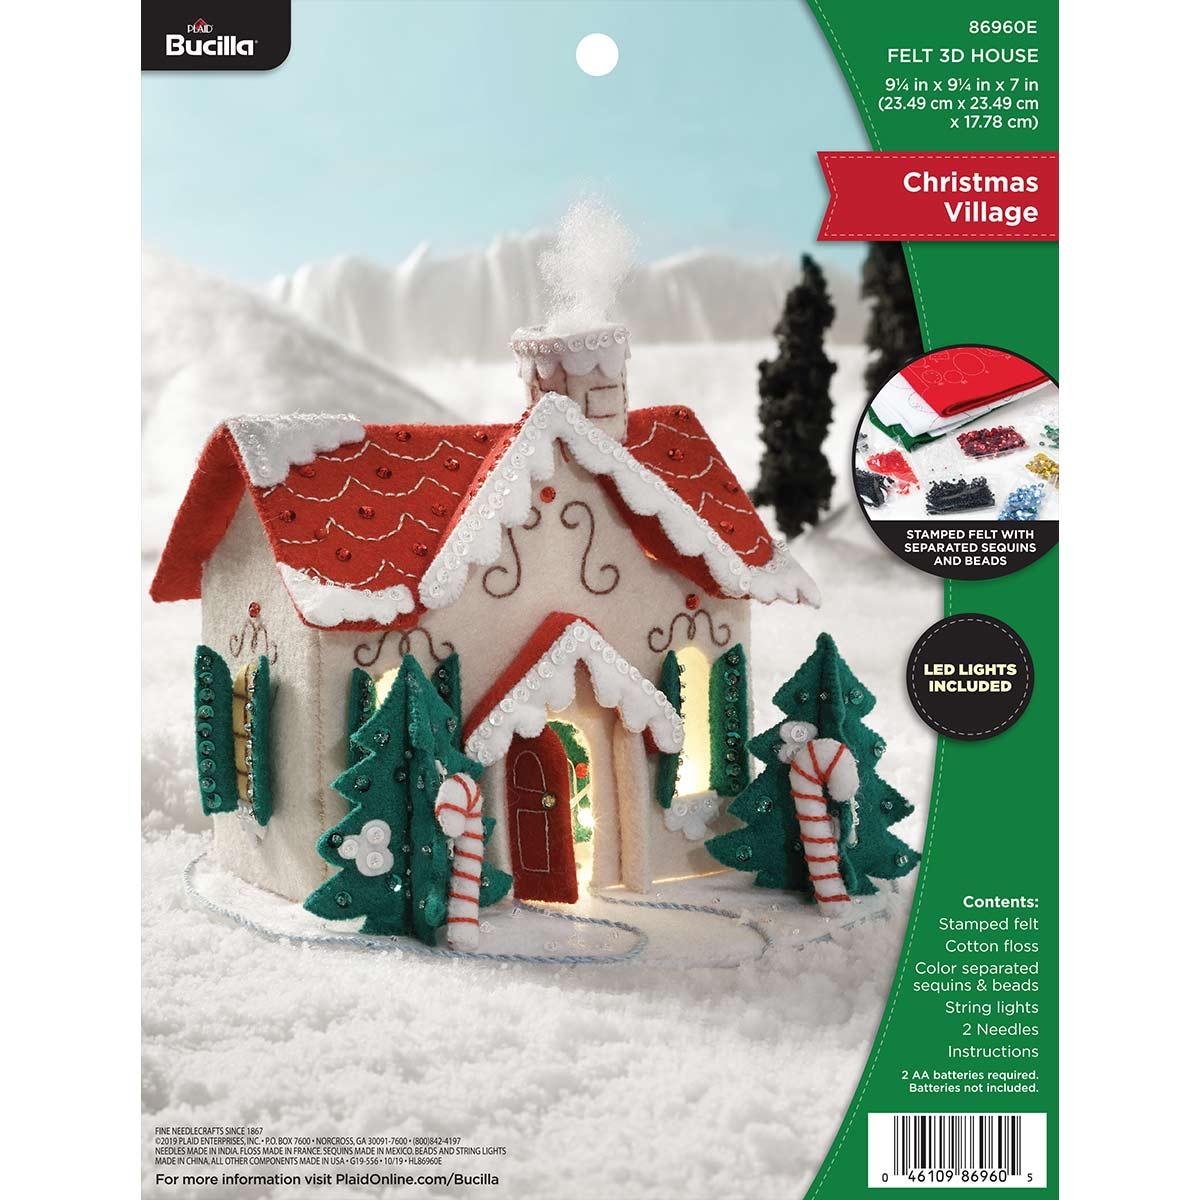 Bucilla ® Seasonal - Felt - Home Decor - Christmas Village 3D House - 86960E